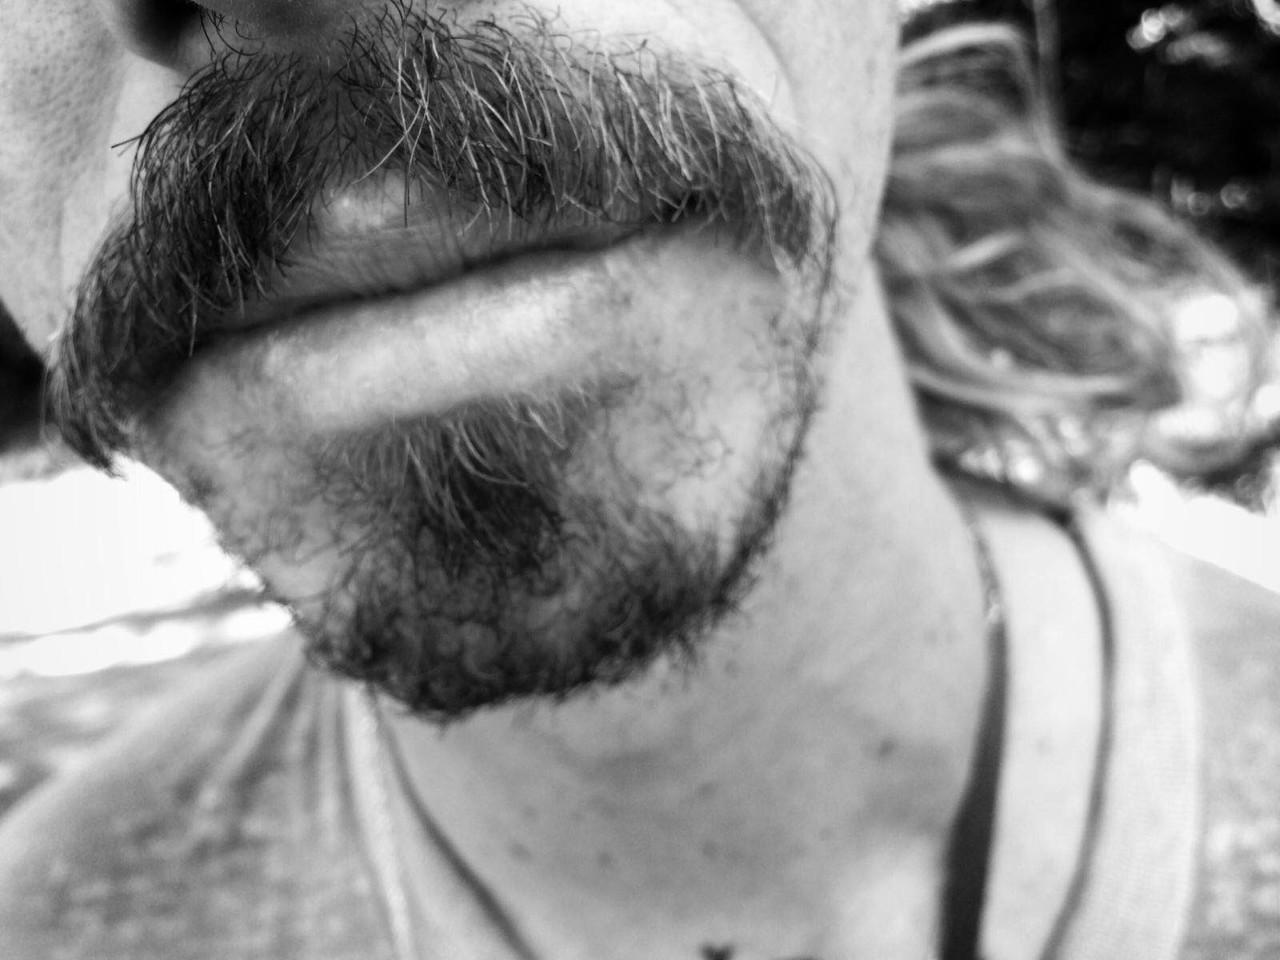 Schnurrbart1